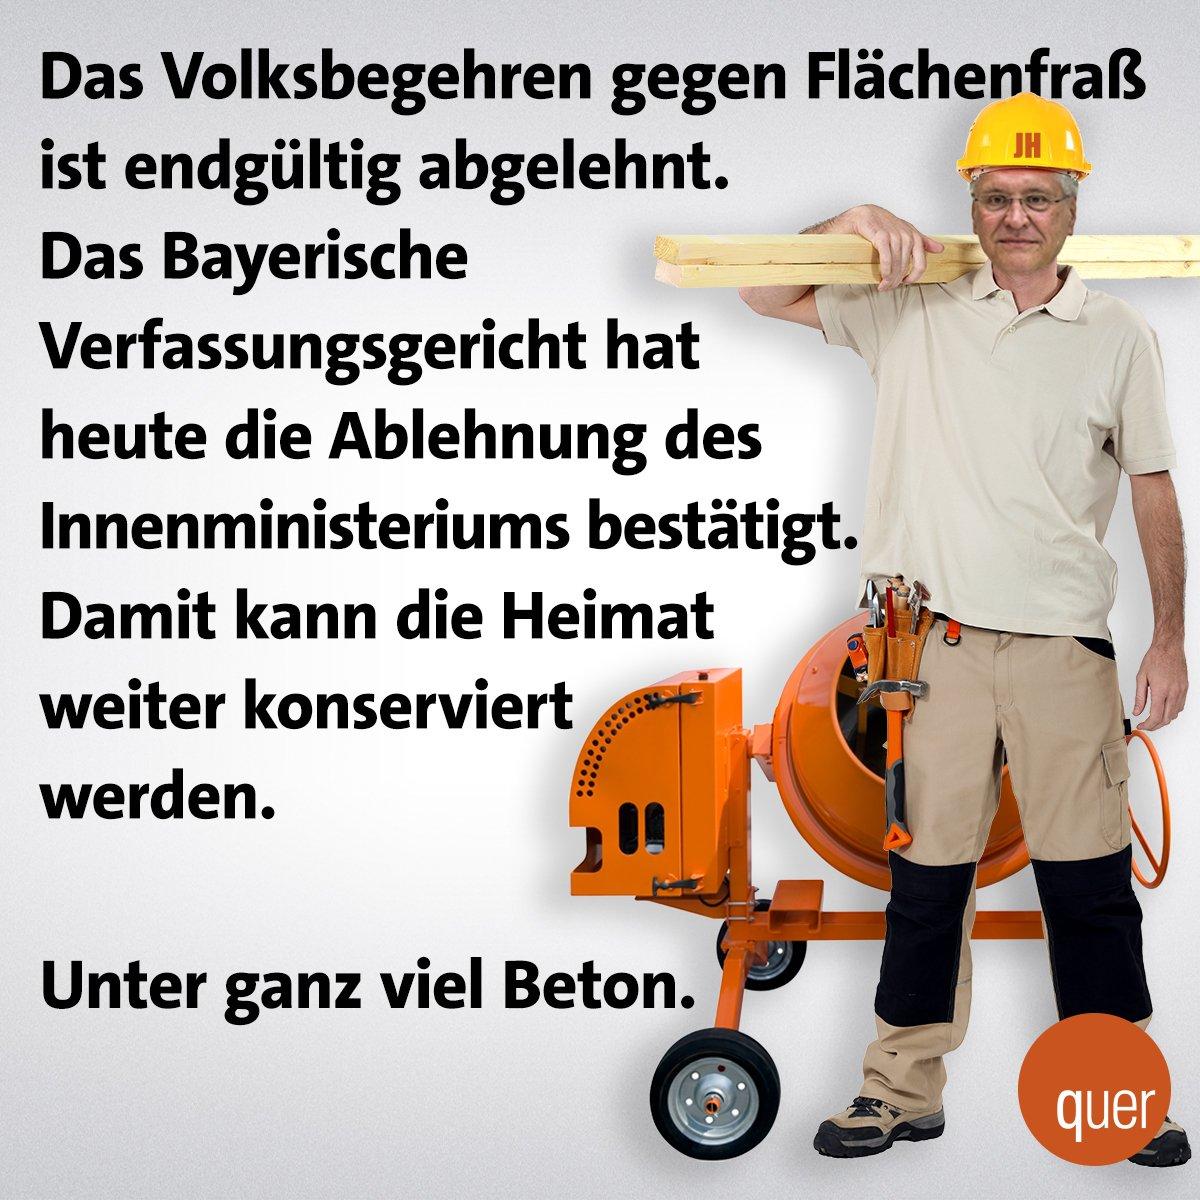 Heimatschutz à la CSU. #Flächenfraß #Herrmann